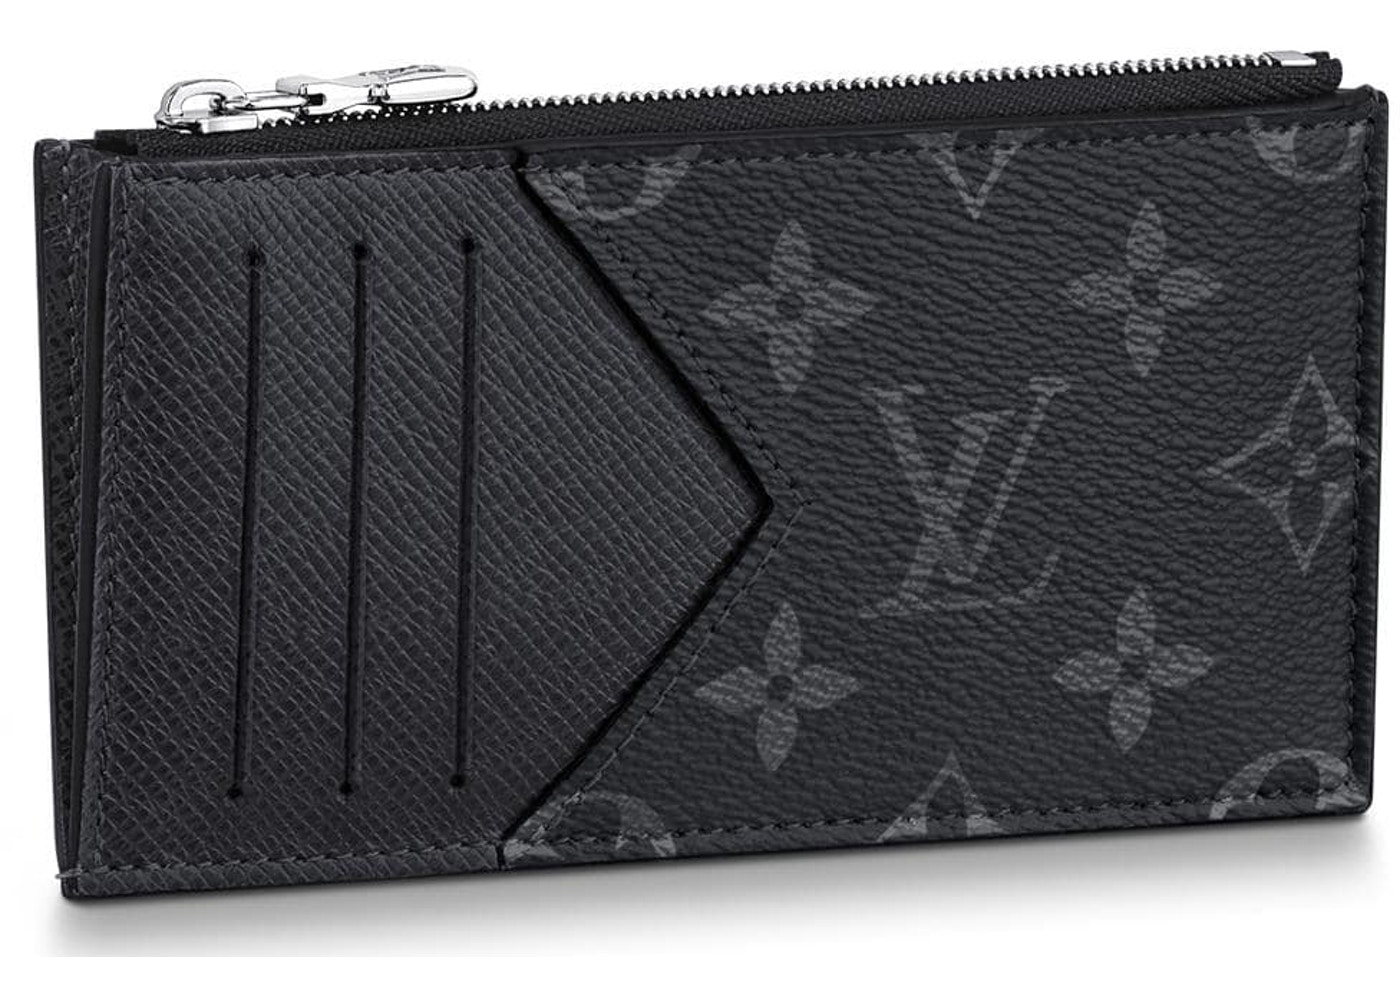 32d3325e2e Louis Vuitton Coin Card Holder Monogram Eclipse Taiga Black